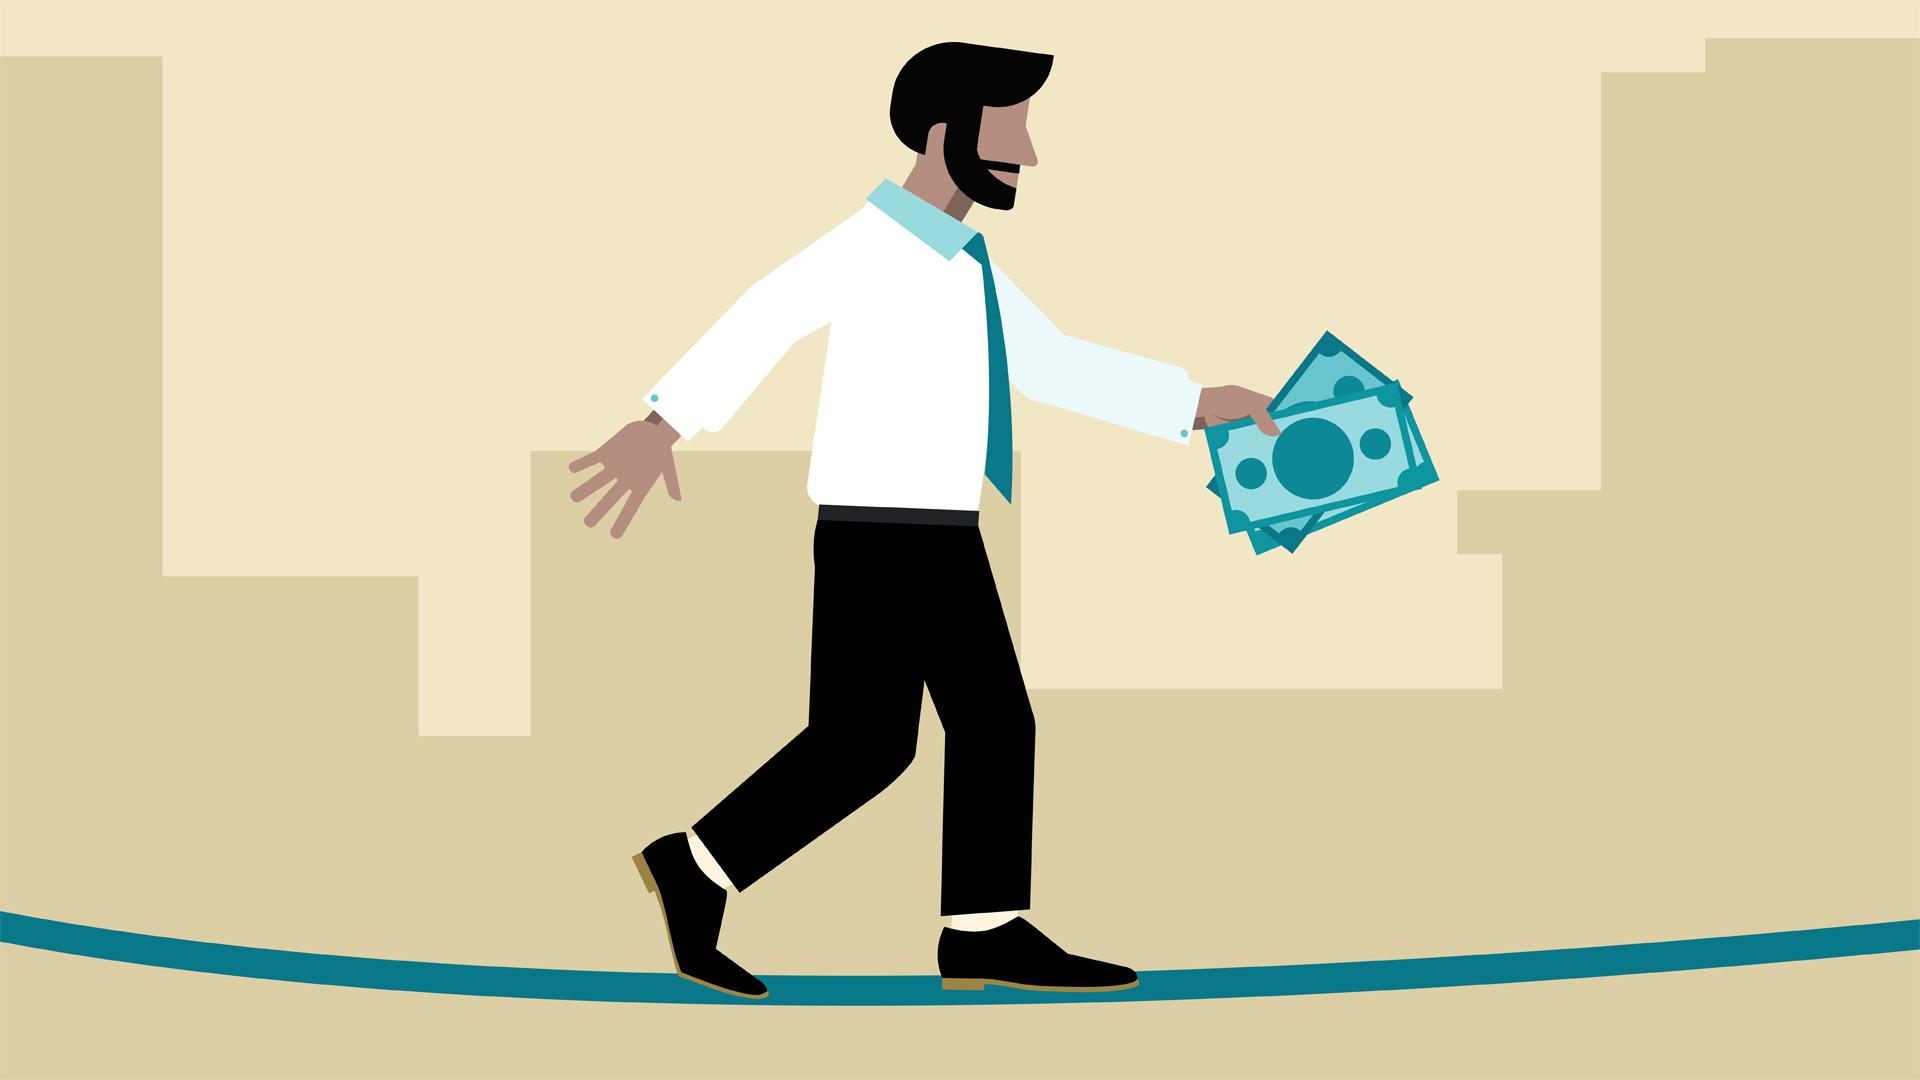 Khi thâm nhập thị trường, đi kèm với lợi nhuận cũng là các thử thách và rủi ro.